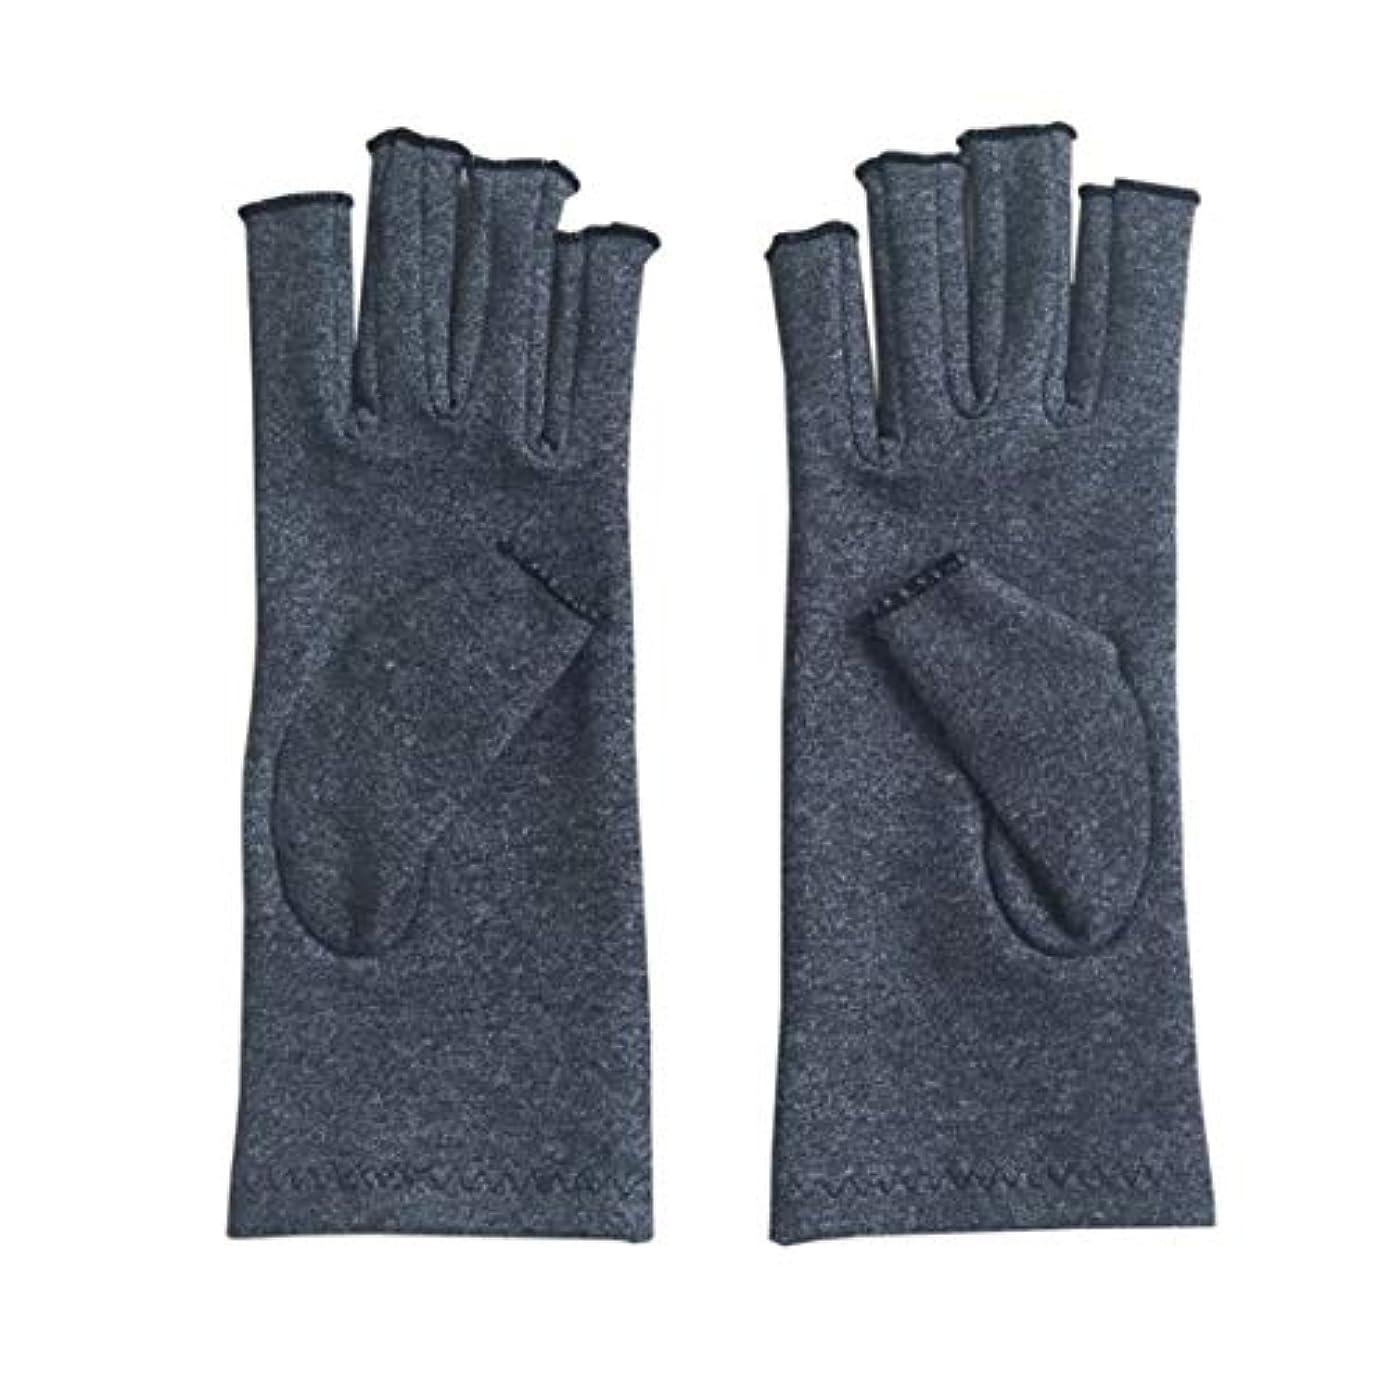 娯楽ヒギンズ自分Aペア/セット快適な男性用女性療法圧縮手袋無地通気性関節炎関節痛緩和手袋 - グレー